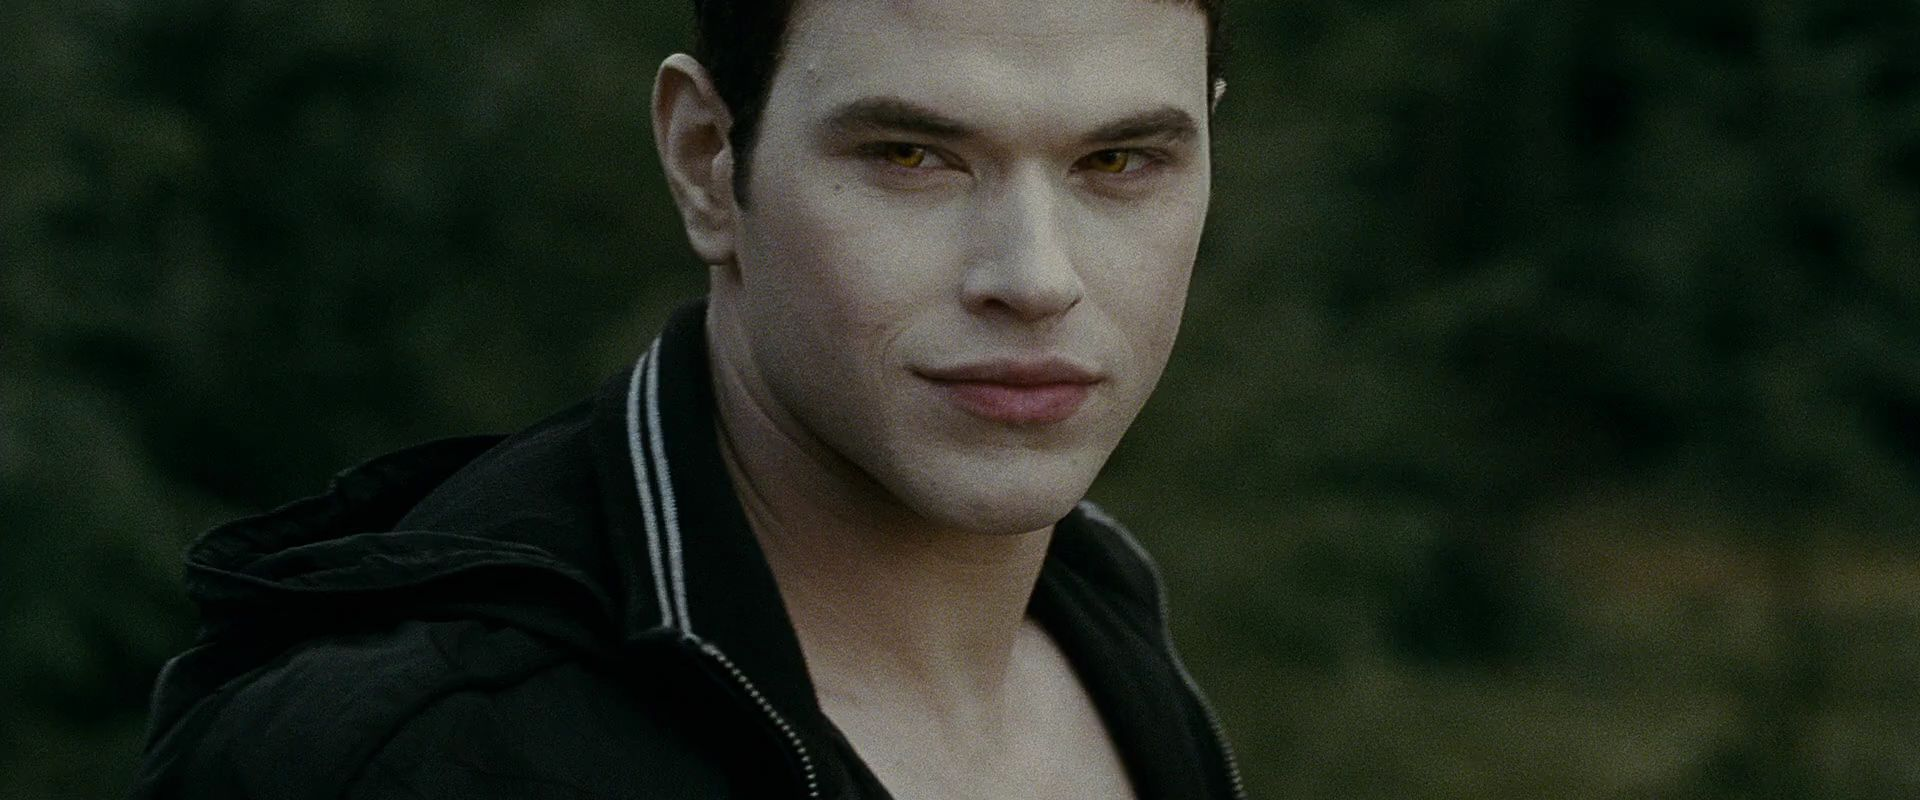 Image result for emmett twilight